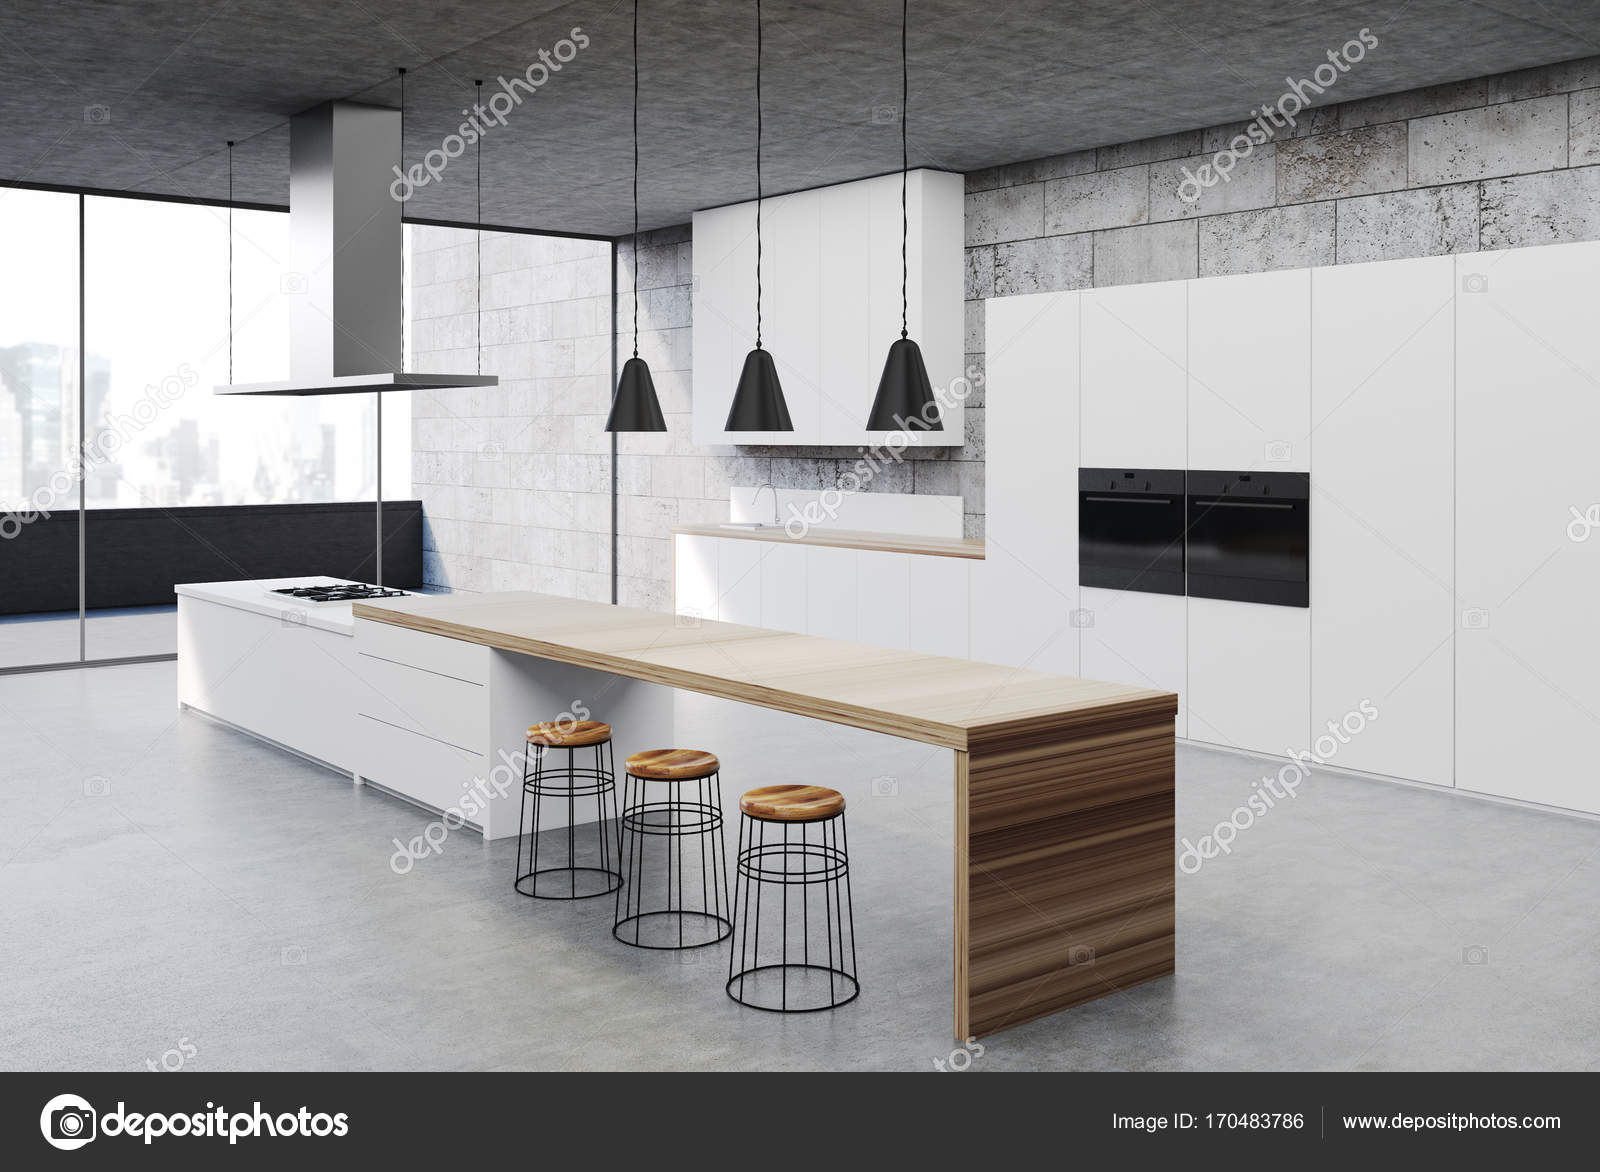 Konkrete Küche Interieur, weiße Schränke Ecke — Stockfoto ...